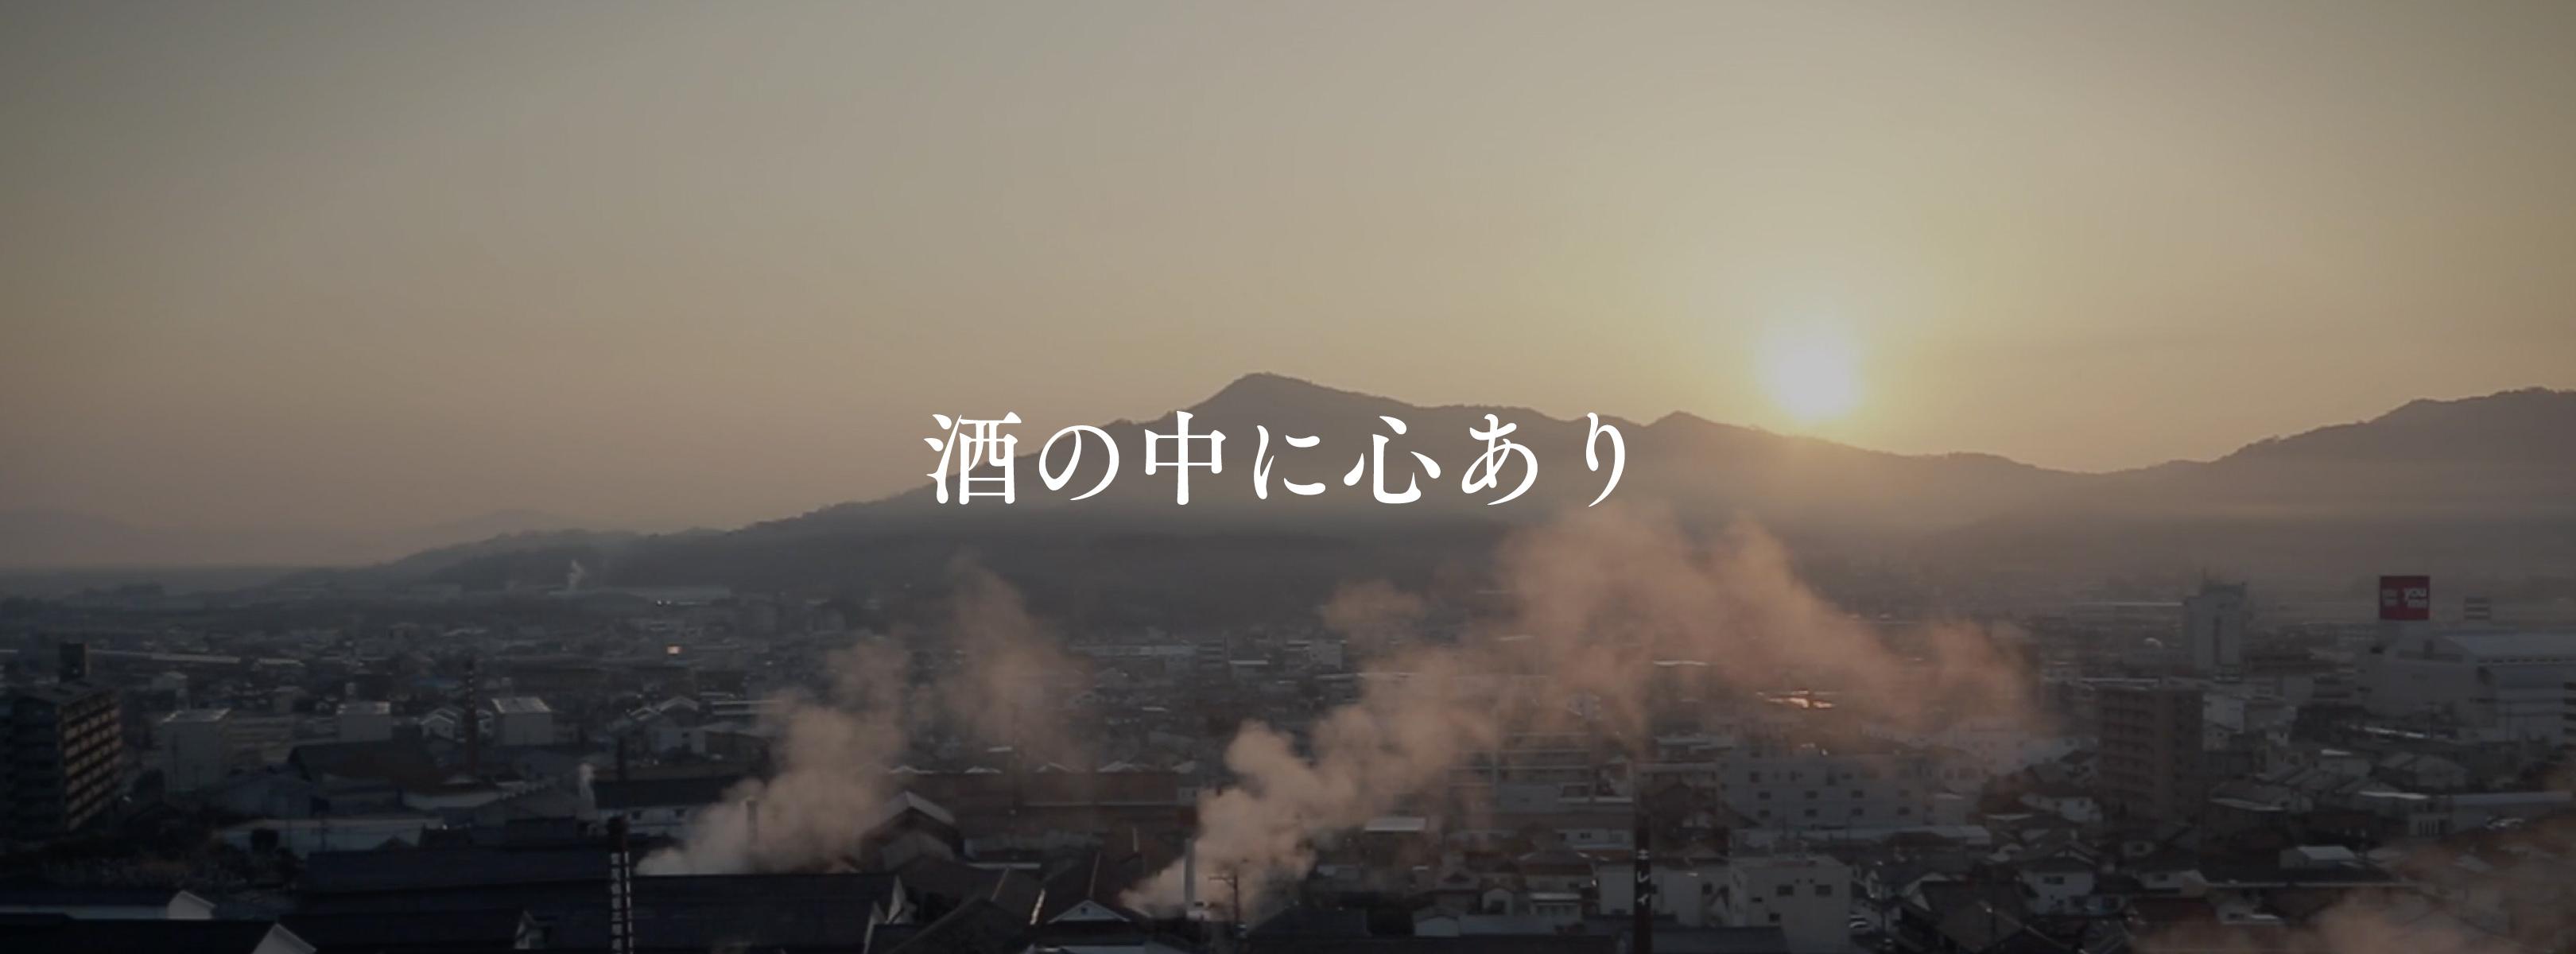 賀茂鶴ブランドムービー